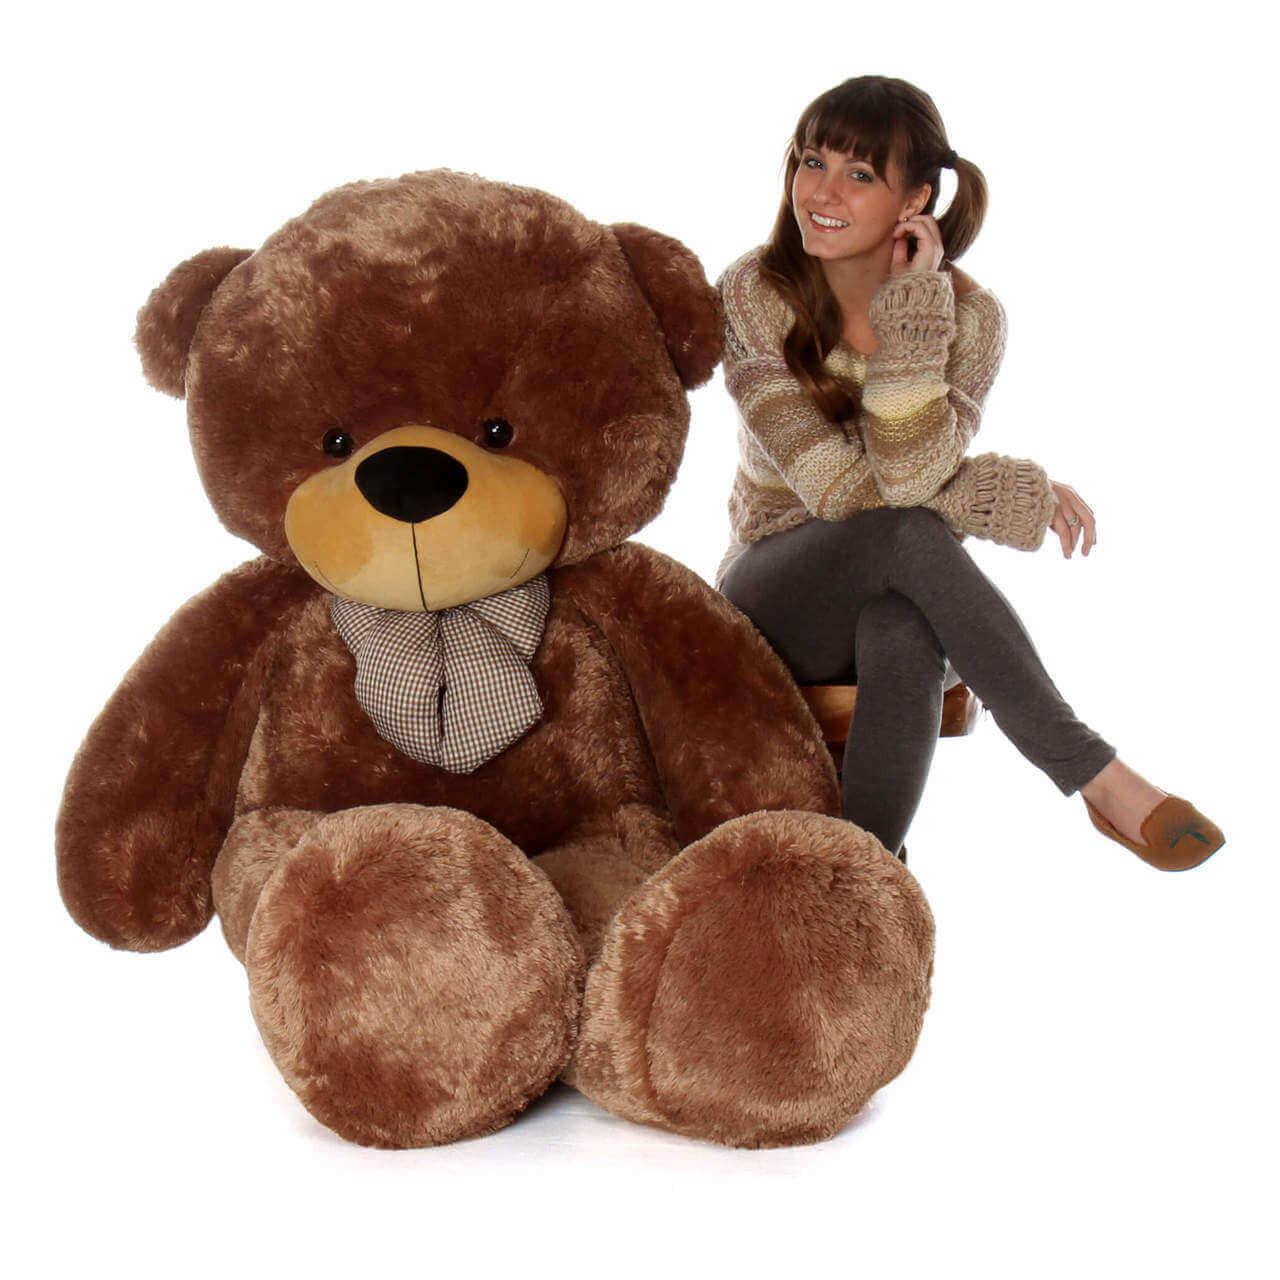 Life Size Mocha Brown Teddy Bear Sunny Cuddles 72in